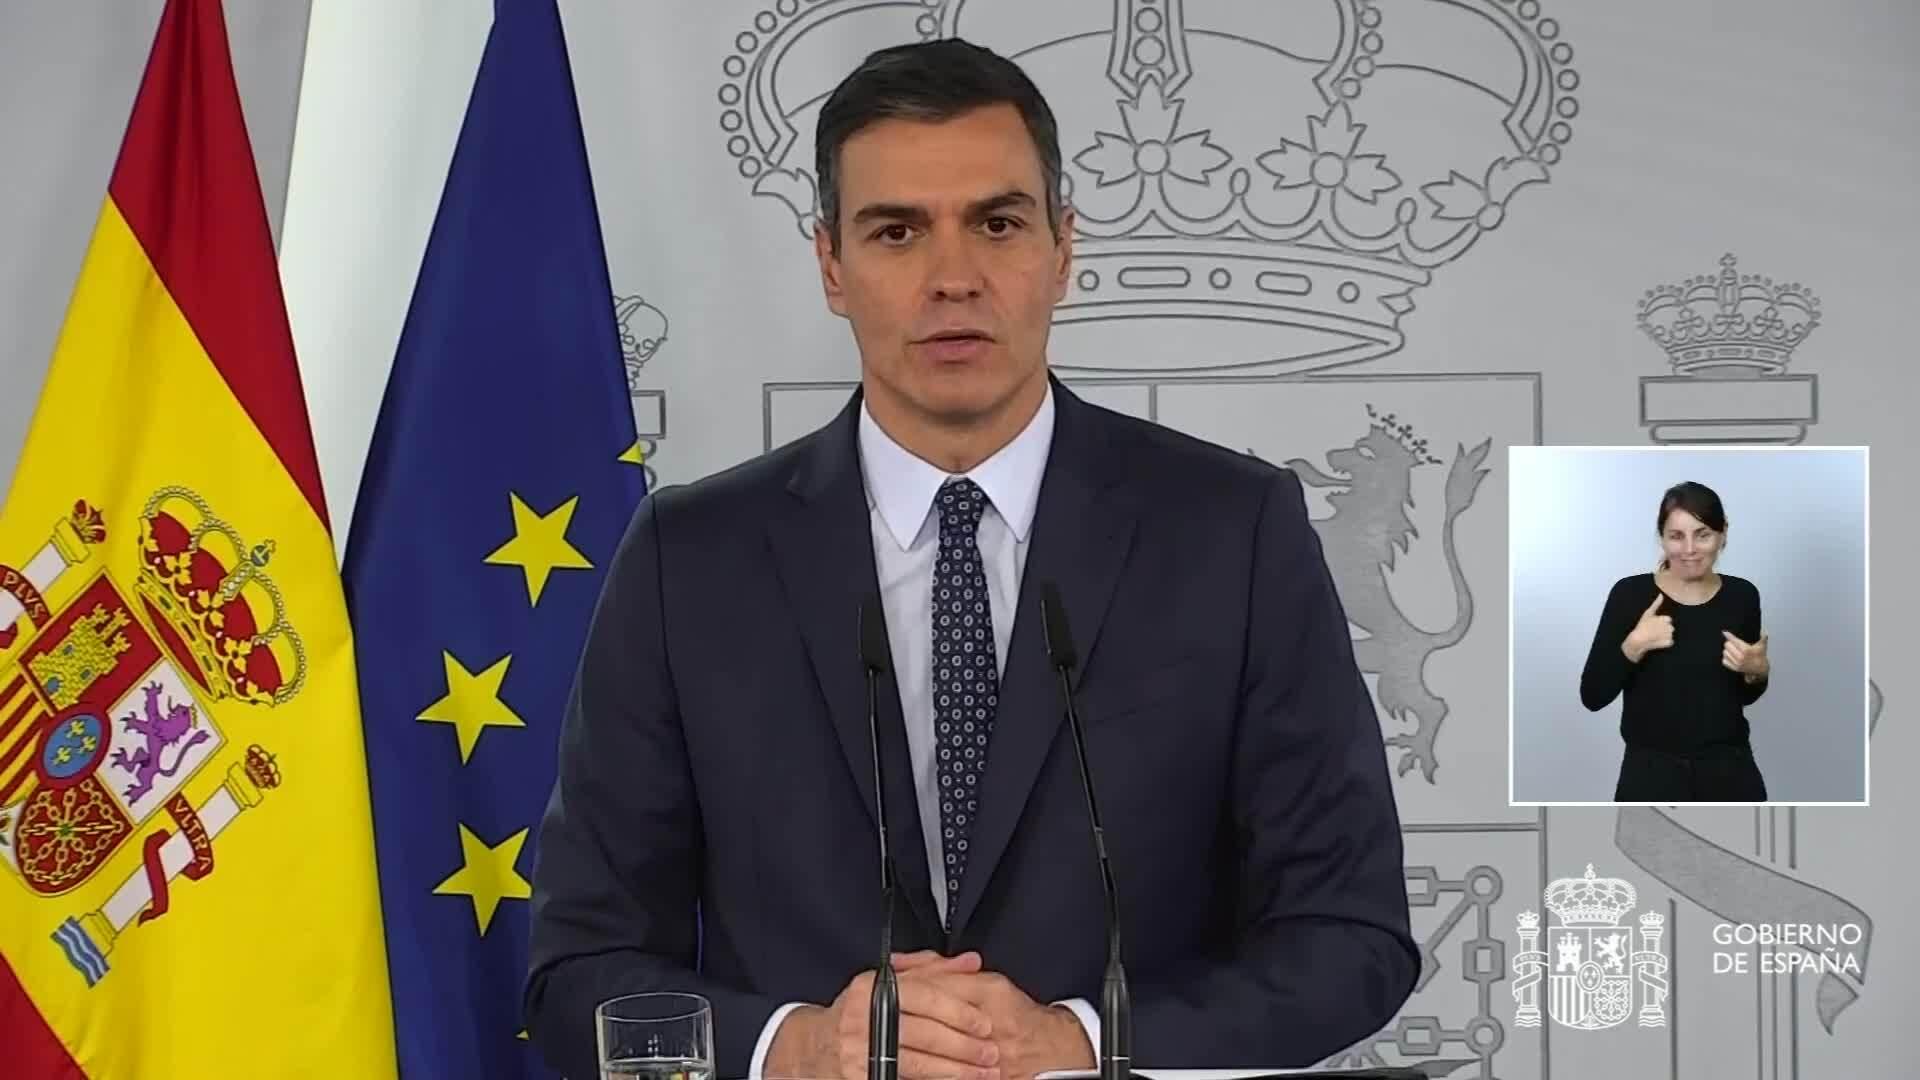 Gobierno español propone un estado de alarma de seis meses